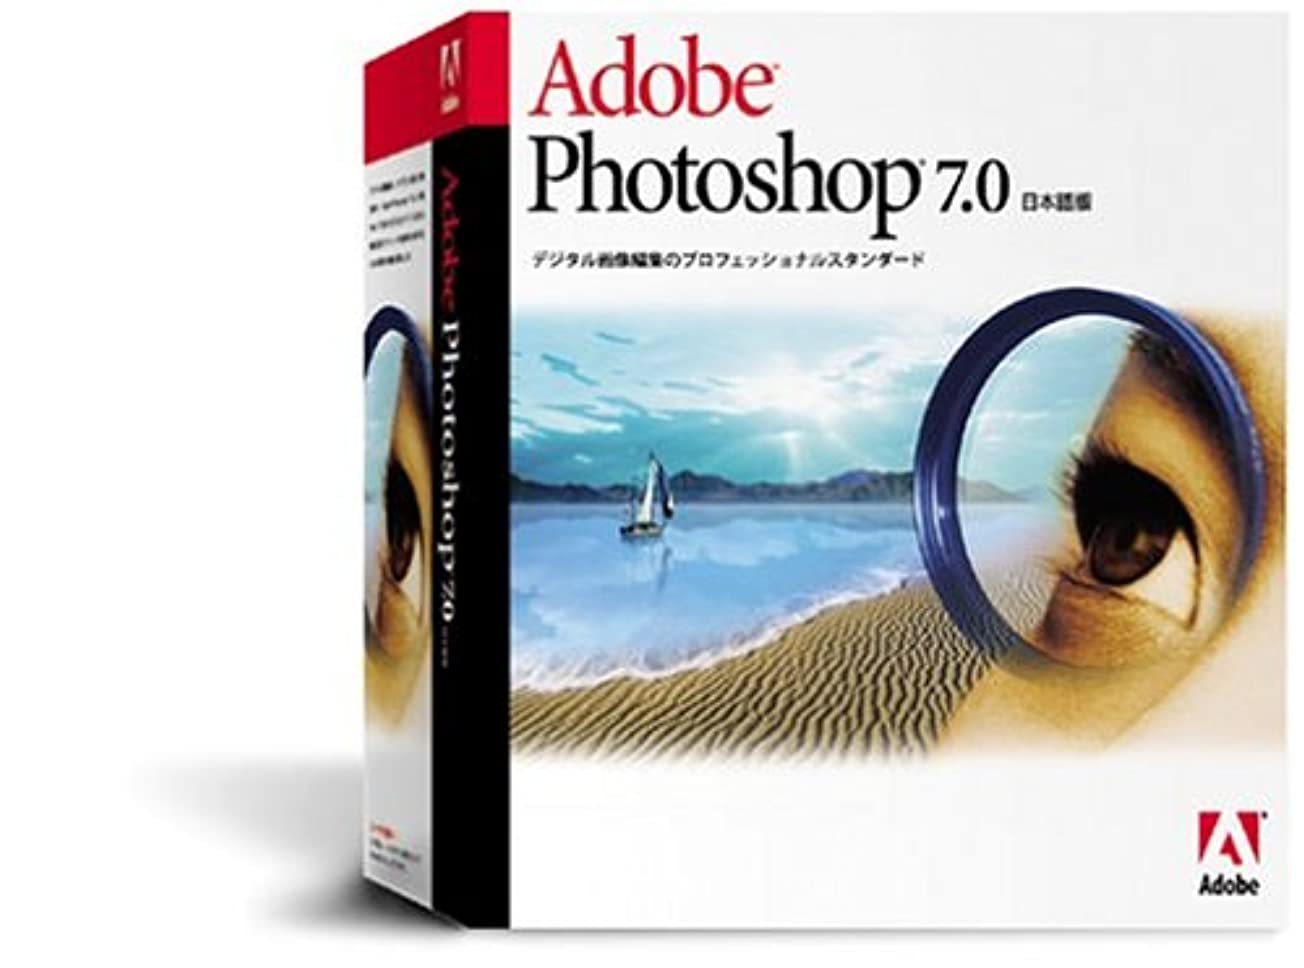 責任パプアニューギニアワックスPhotoshop 7.0 英語版 Windows版